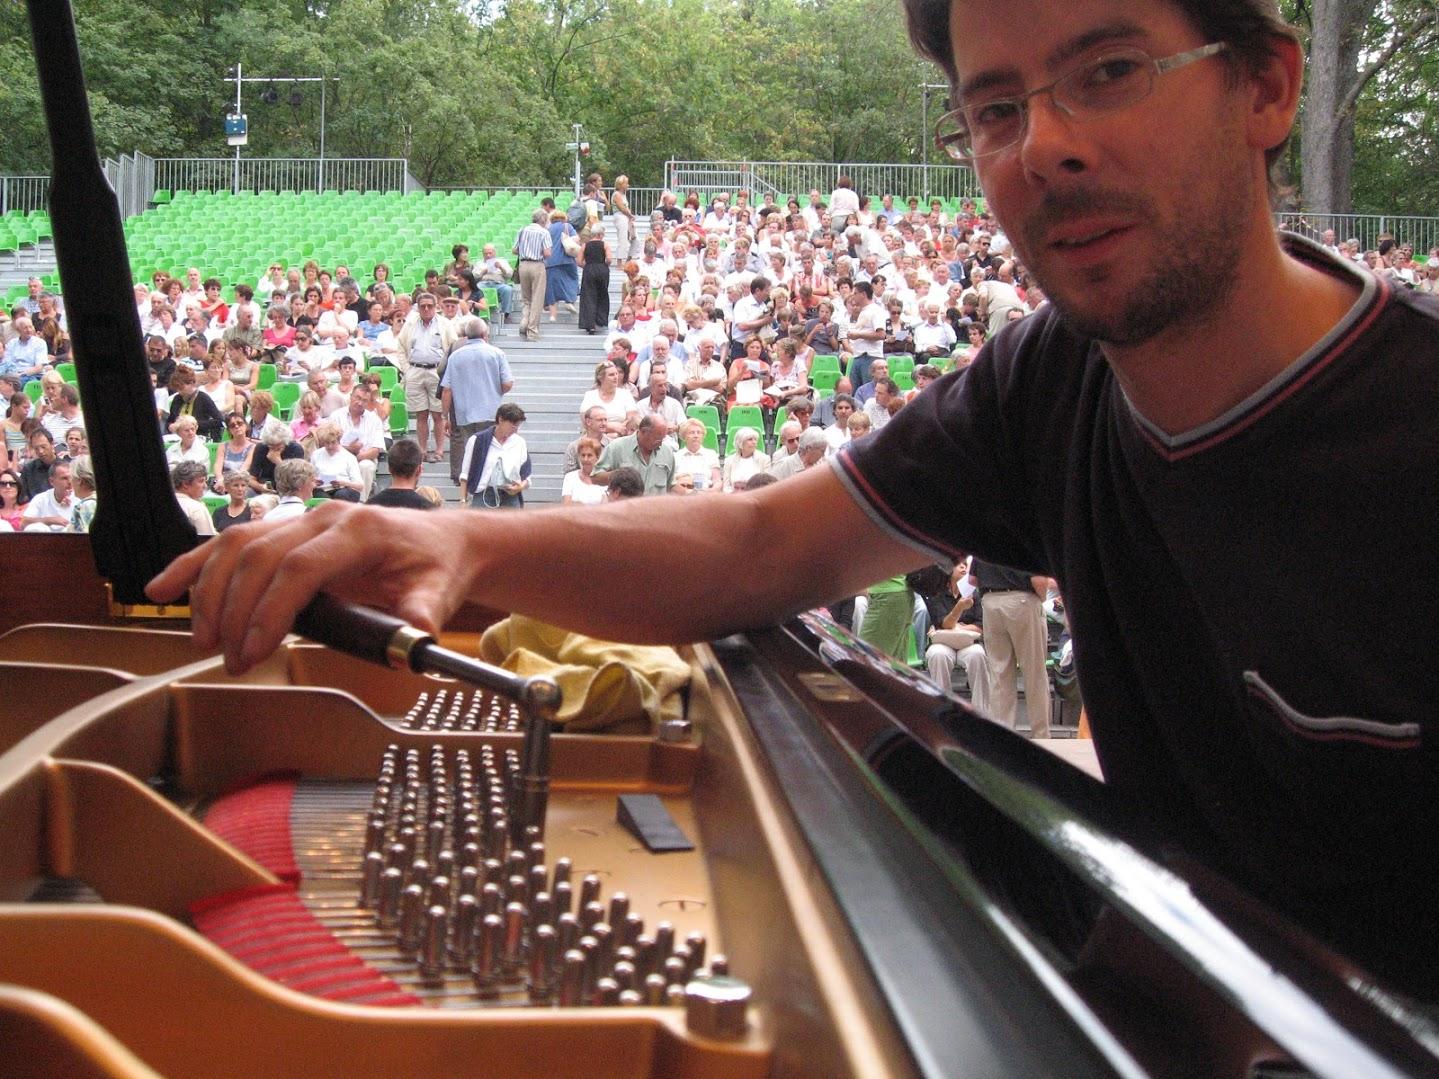 accords le Festival International de Piano de La Roque d'Anthéron